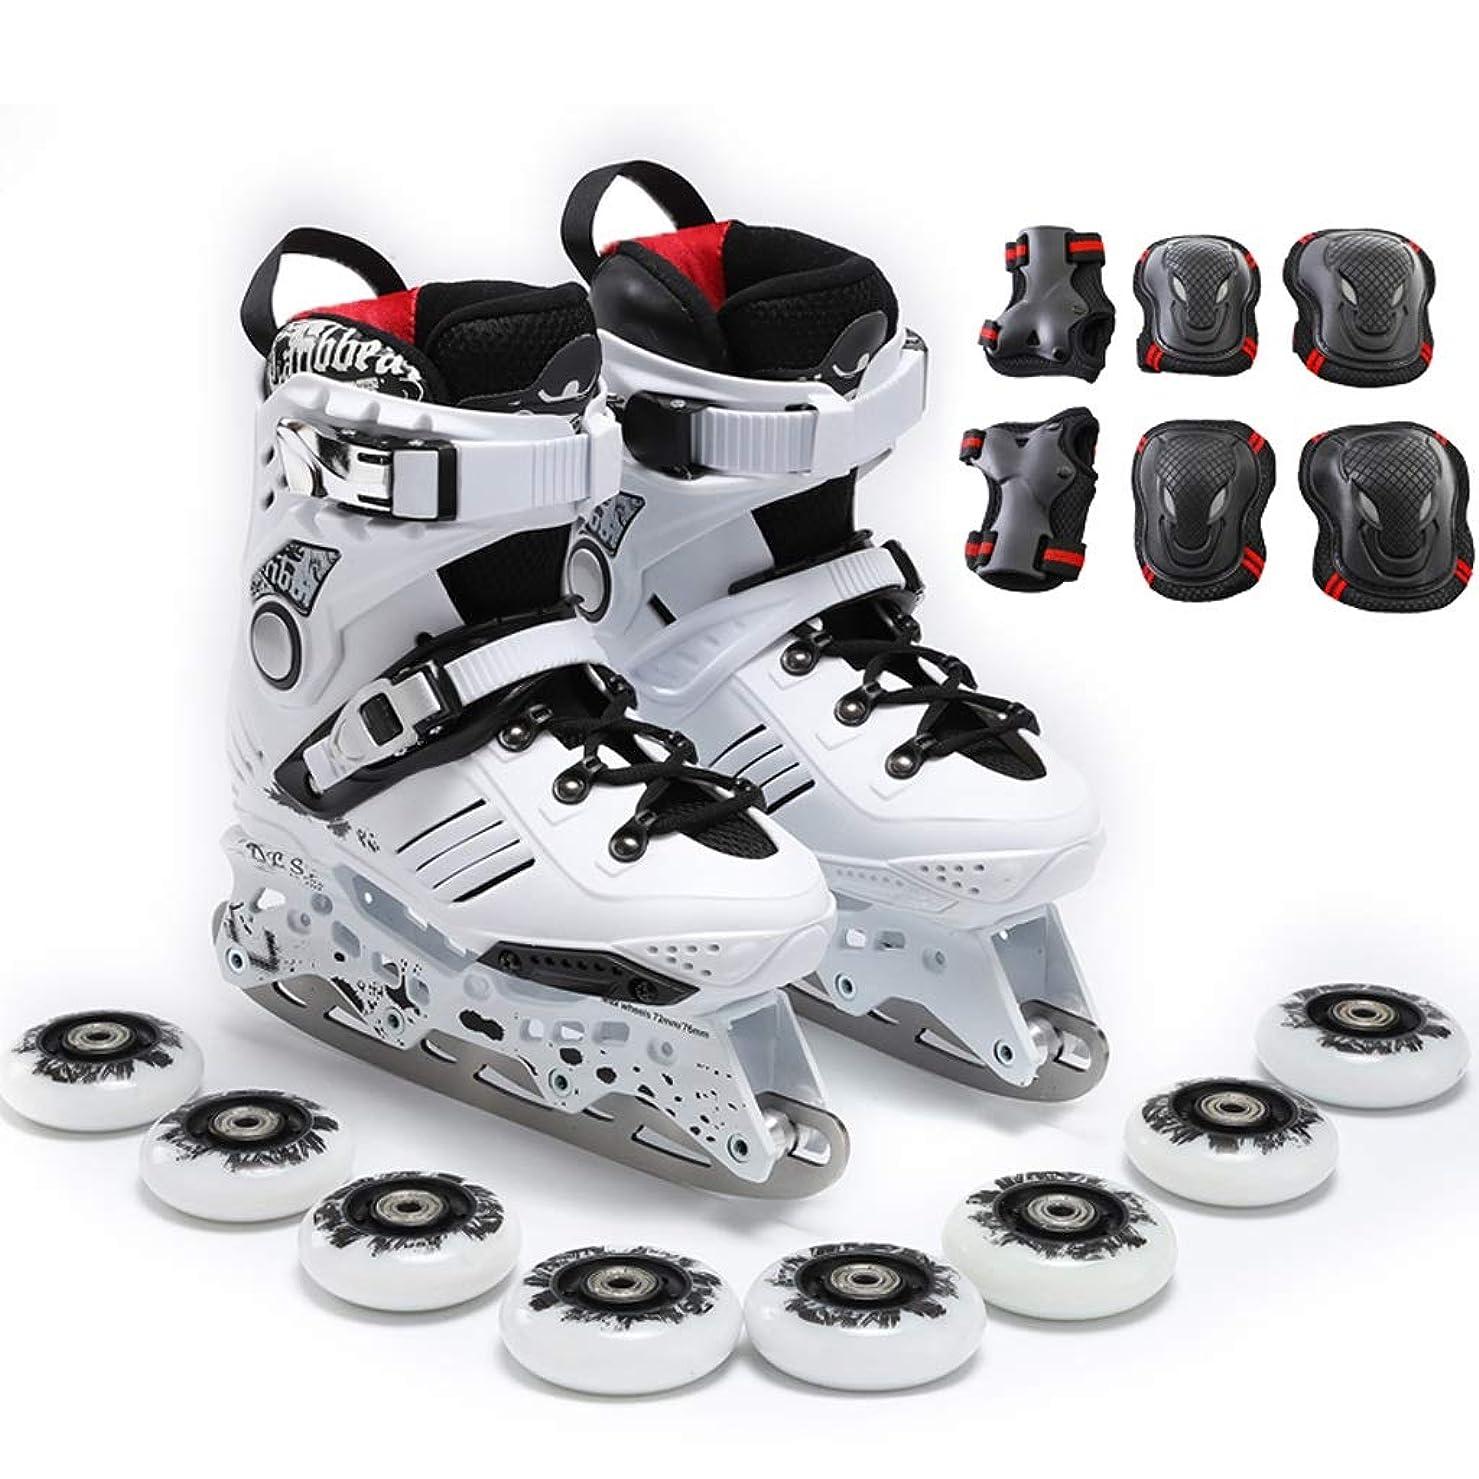 魅惑的な変化する従来のインラインスケート アイスナイフローラースケート大人のインラインスケート、高弾性摩耗PUホイール、プロのスケート靴 (Color : A, Size : EU 38/US 6/UK 5/JP 24cm)